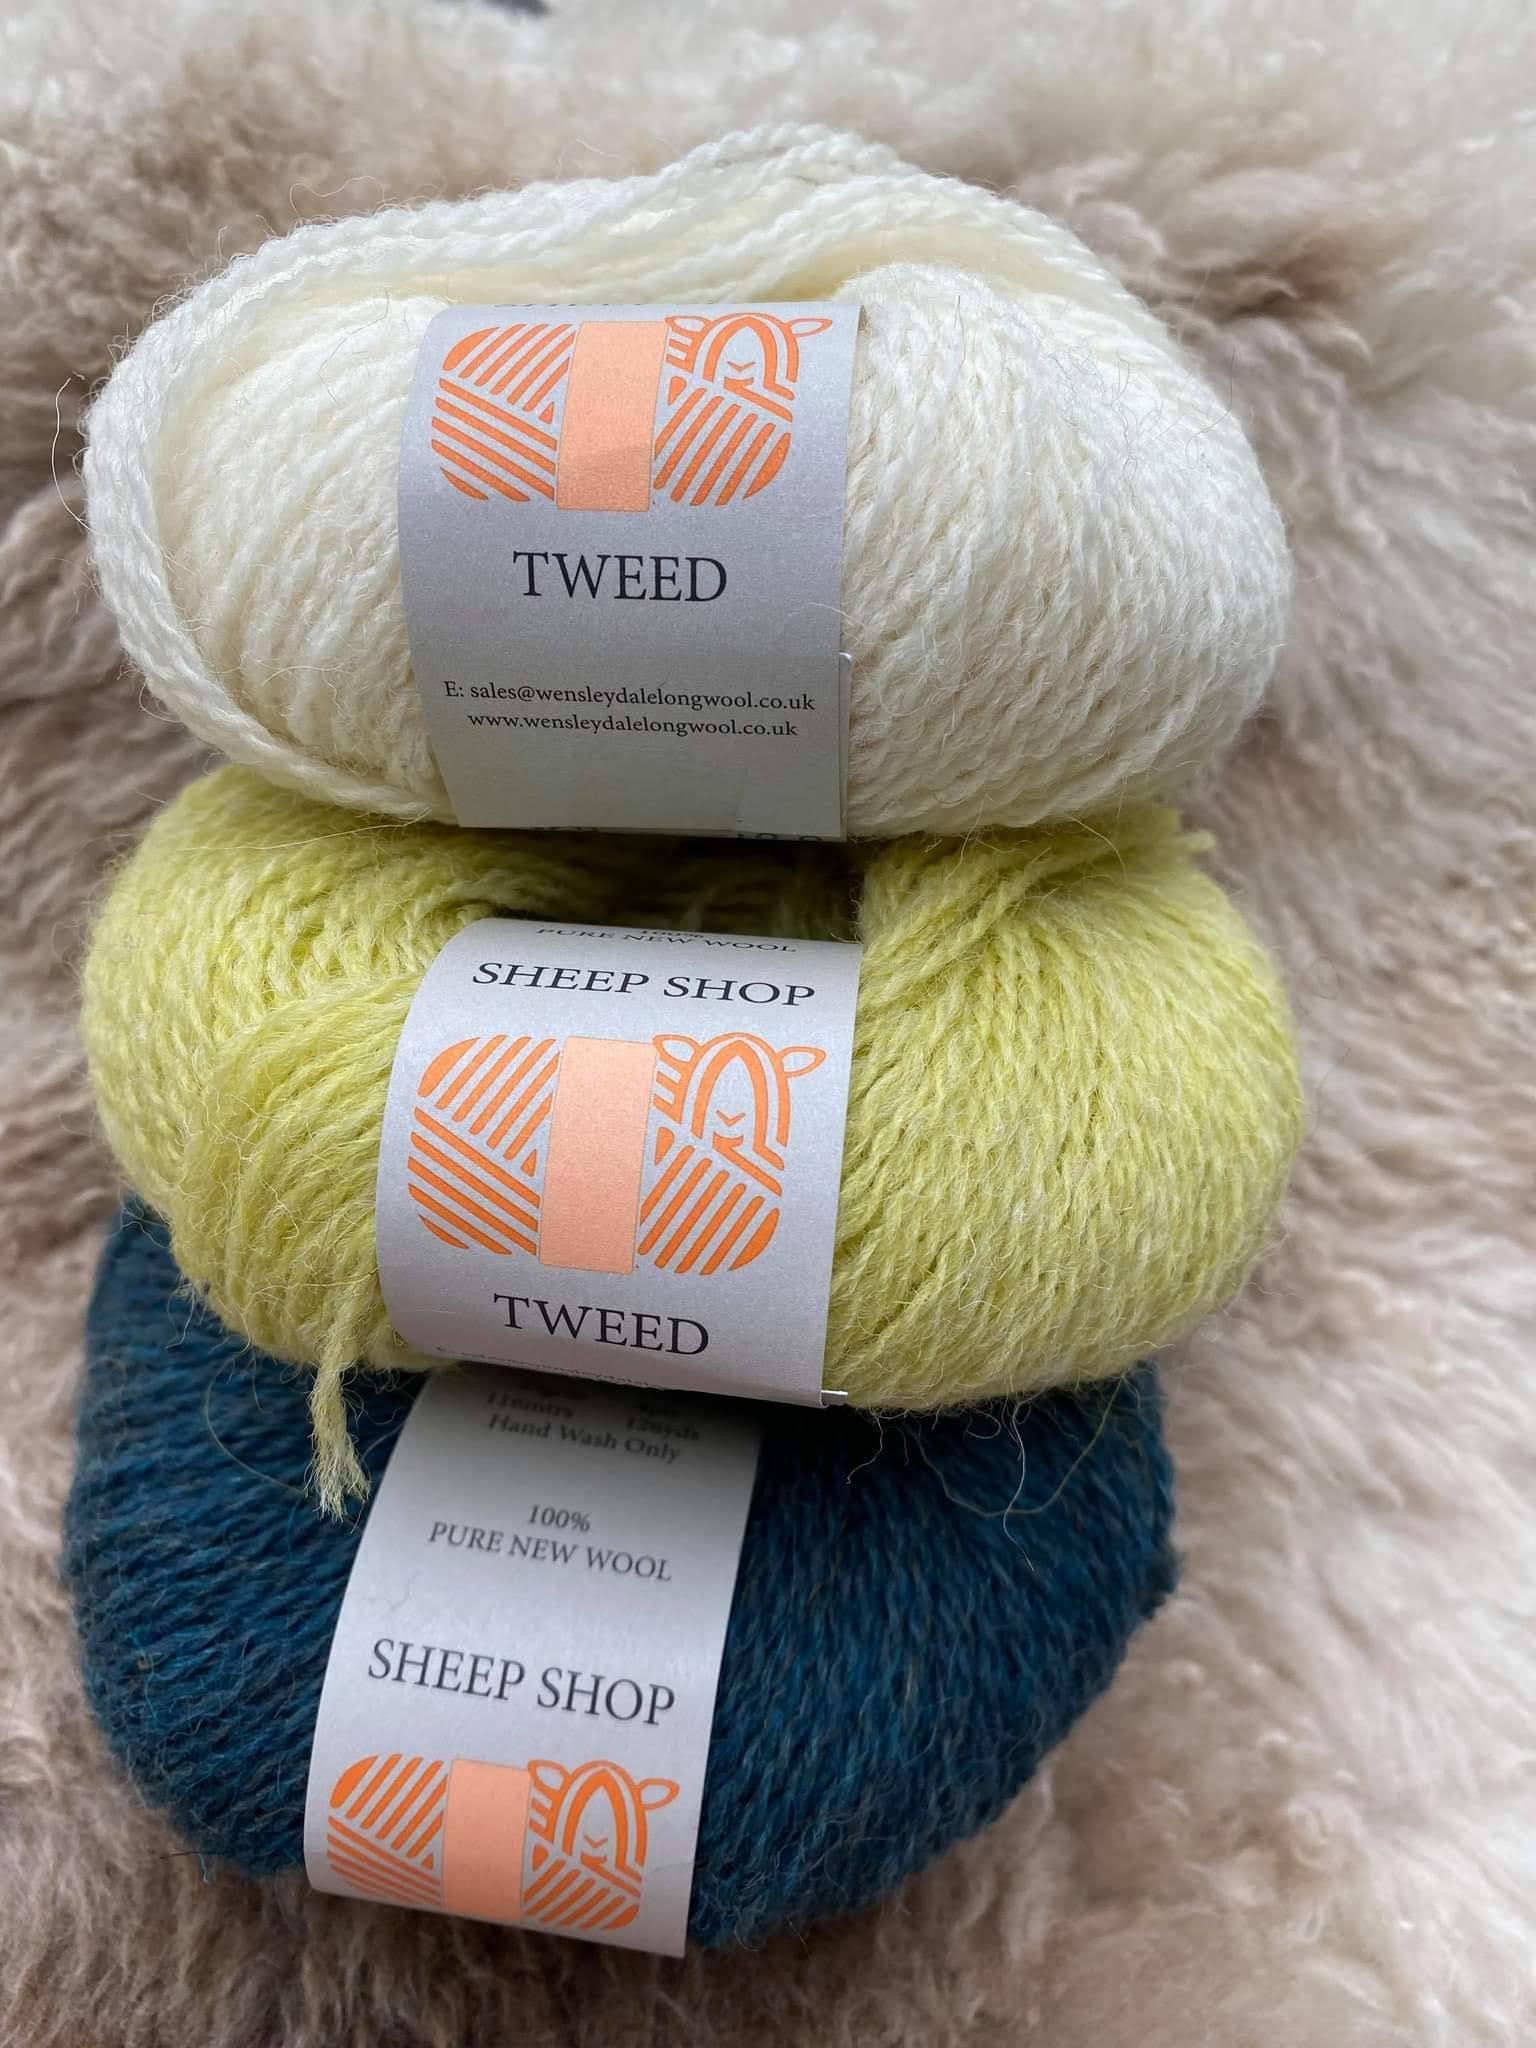 Sheep Shop Tweed yarn in Pure, Sulphur and Mallard